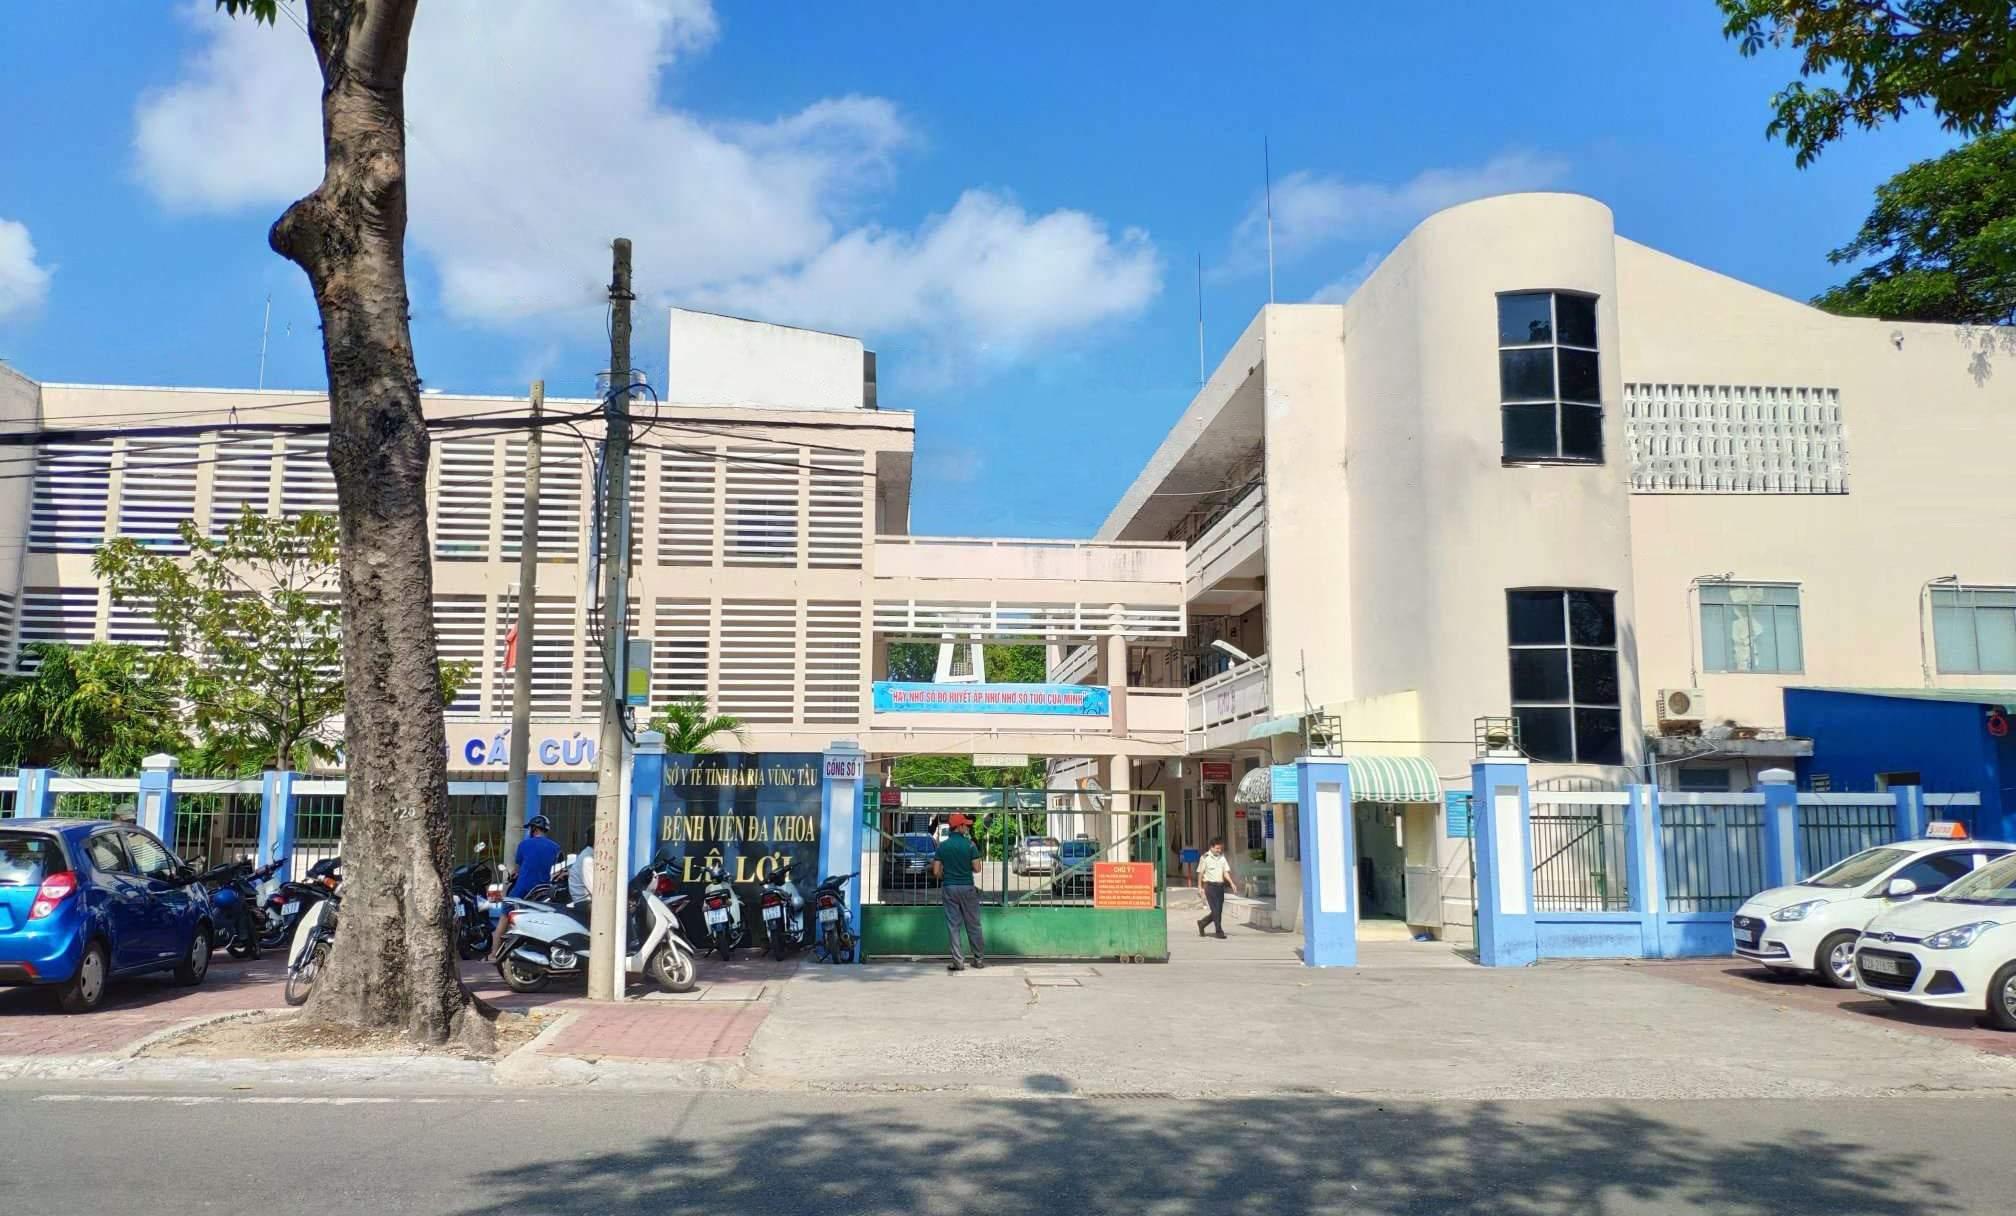 Bệnh viện Đa khoa Lê Lợi